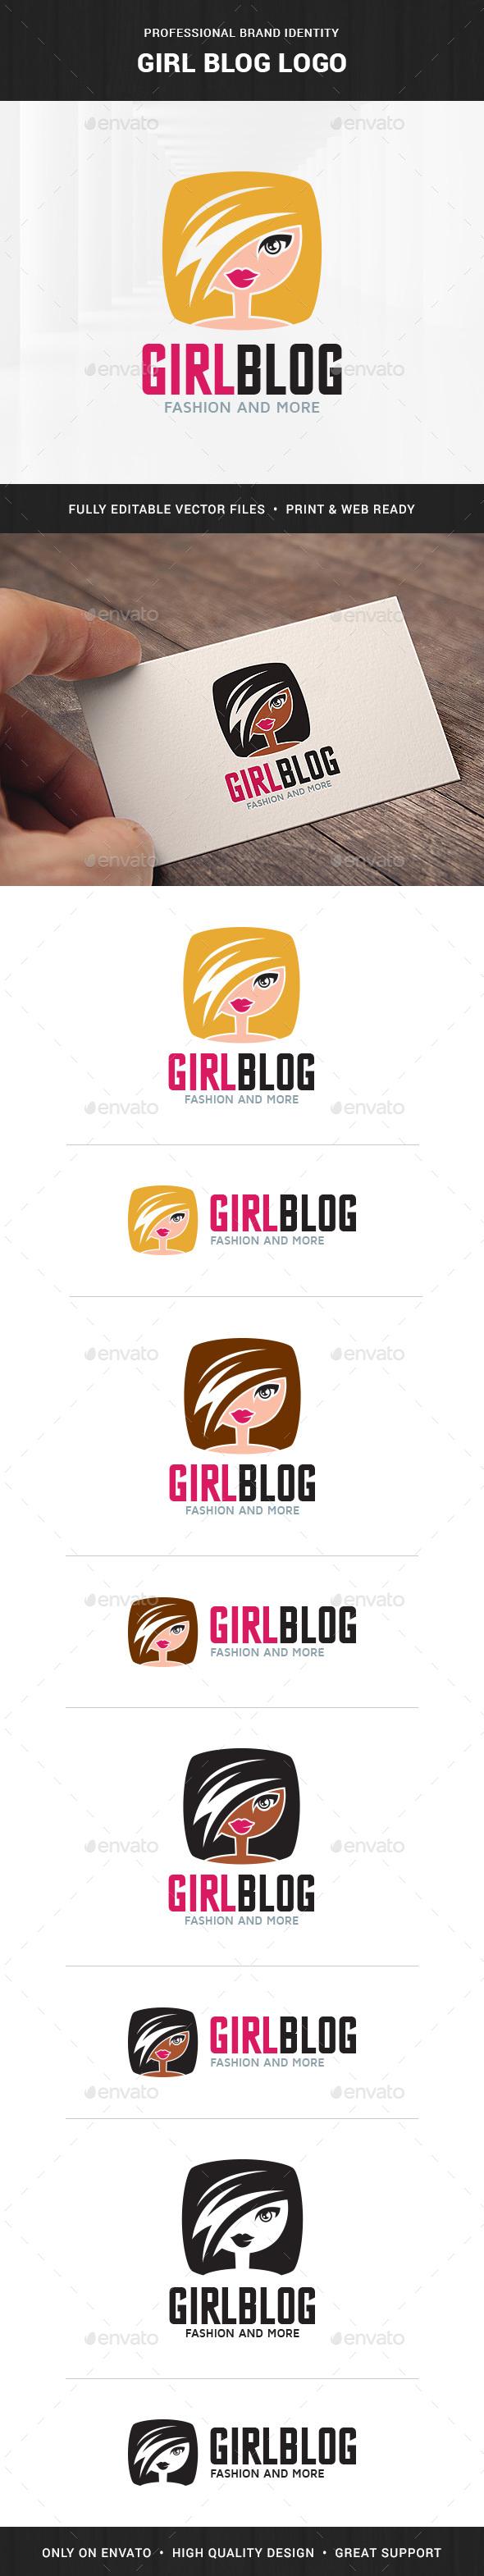 Girl Blog Logo Template